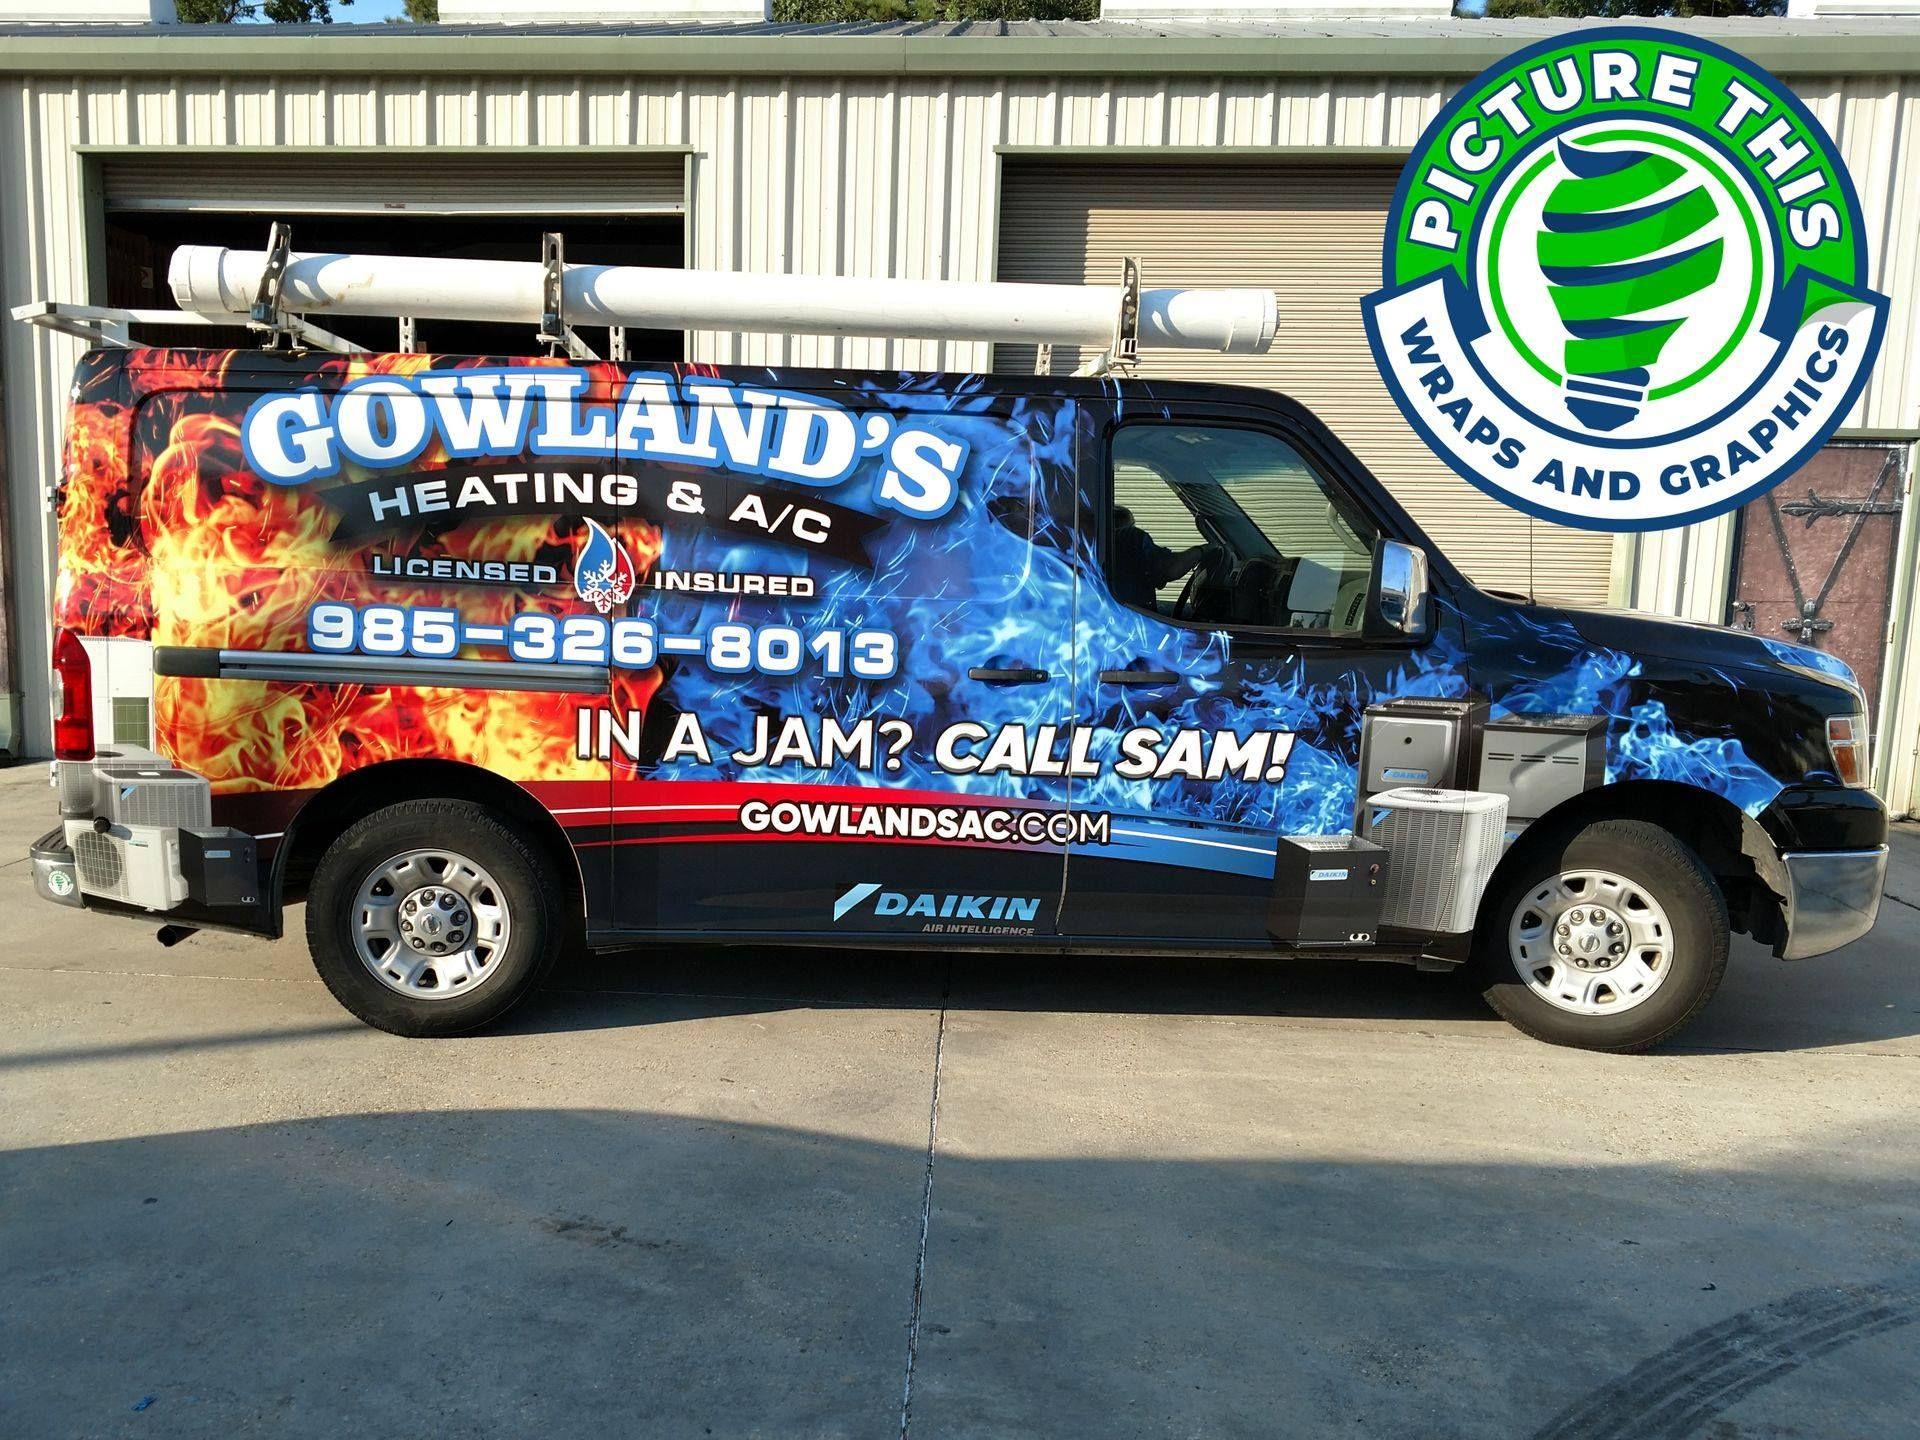 Gowlands Heating And Ac Van Wrap In 2020 Van Wrap Car Wrap Vinyl Wrap